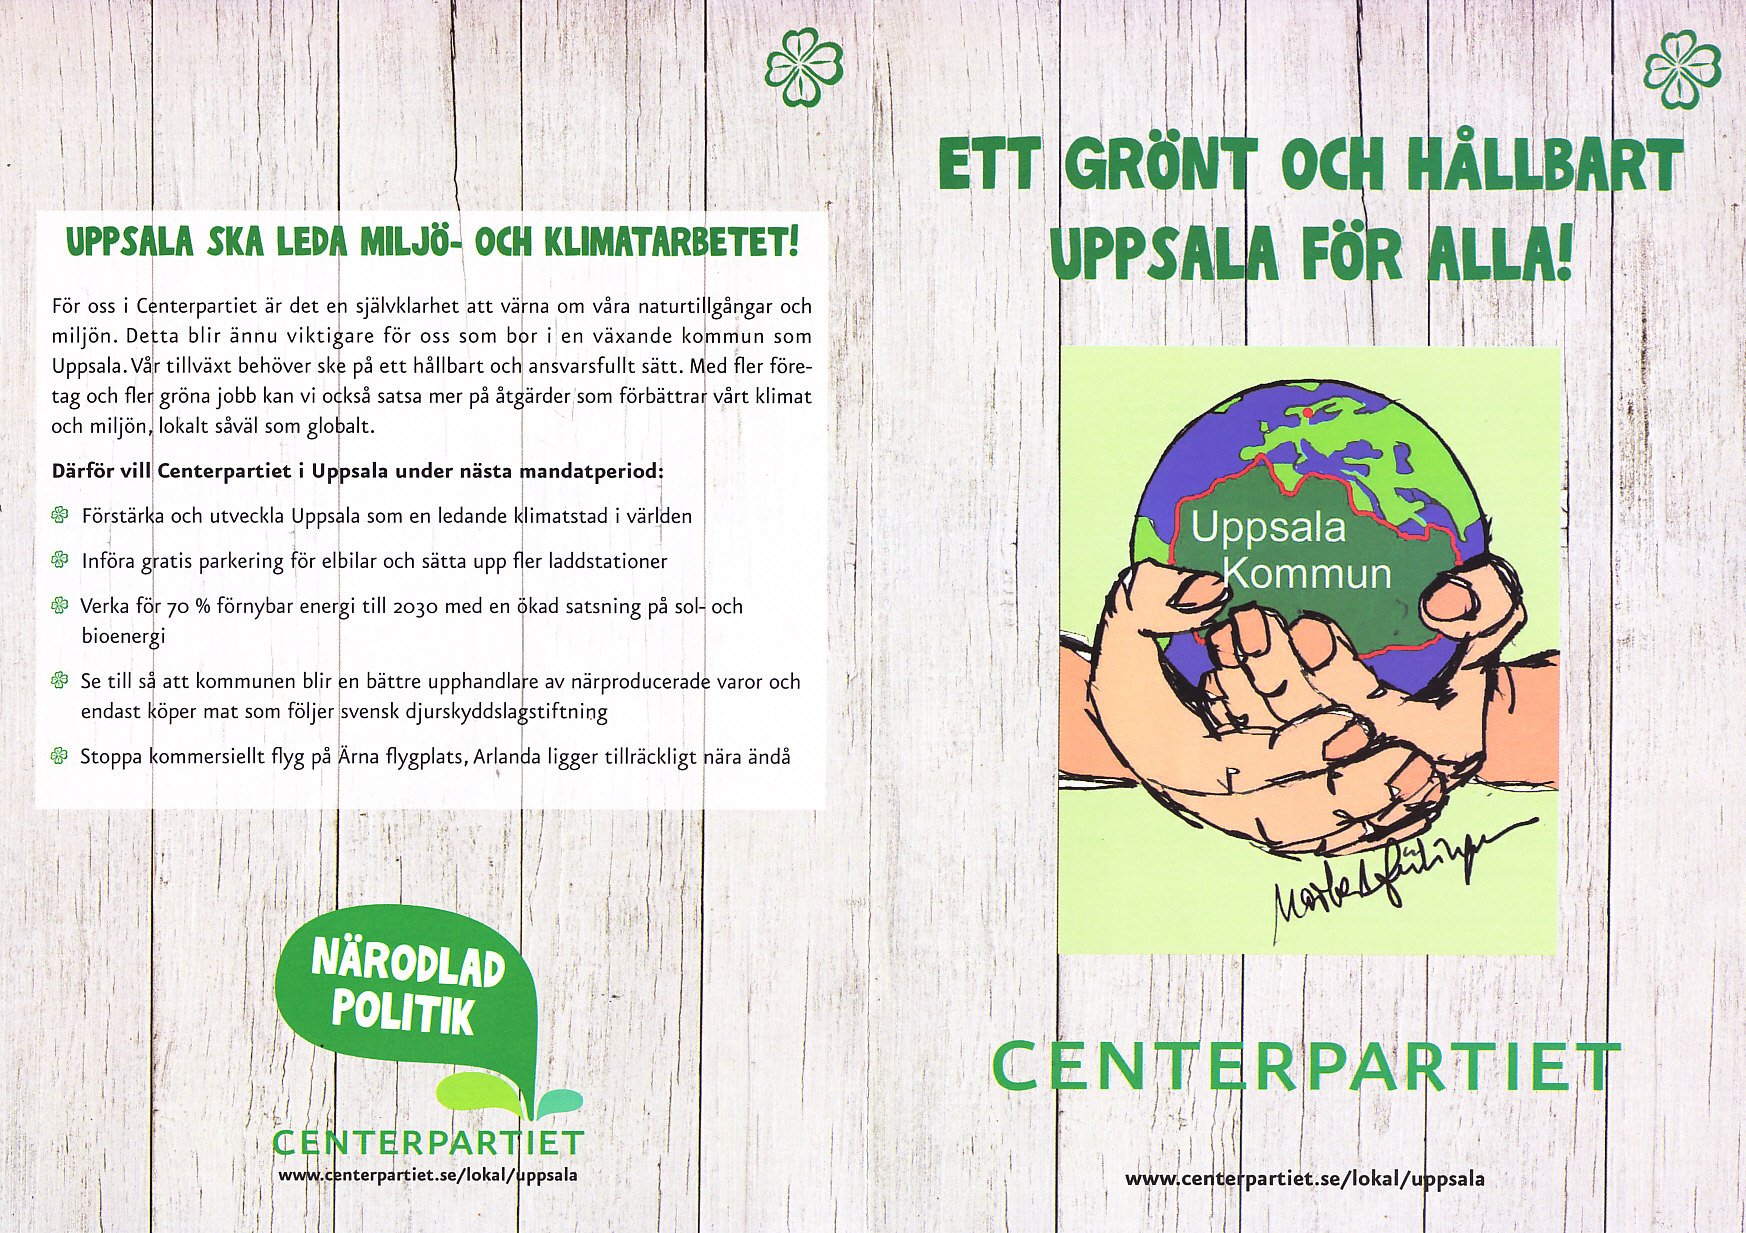 Centerpartiet_0001 – Cópia